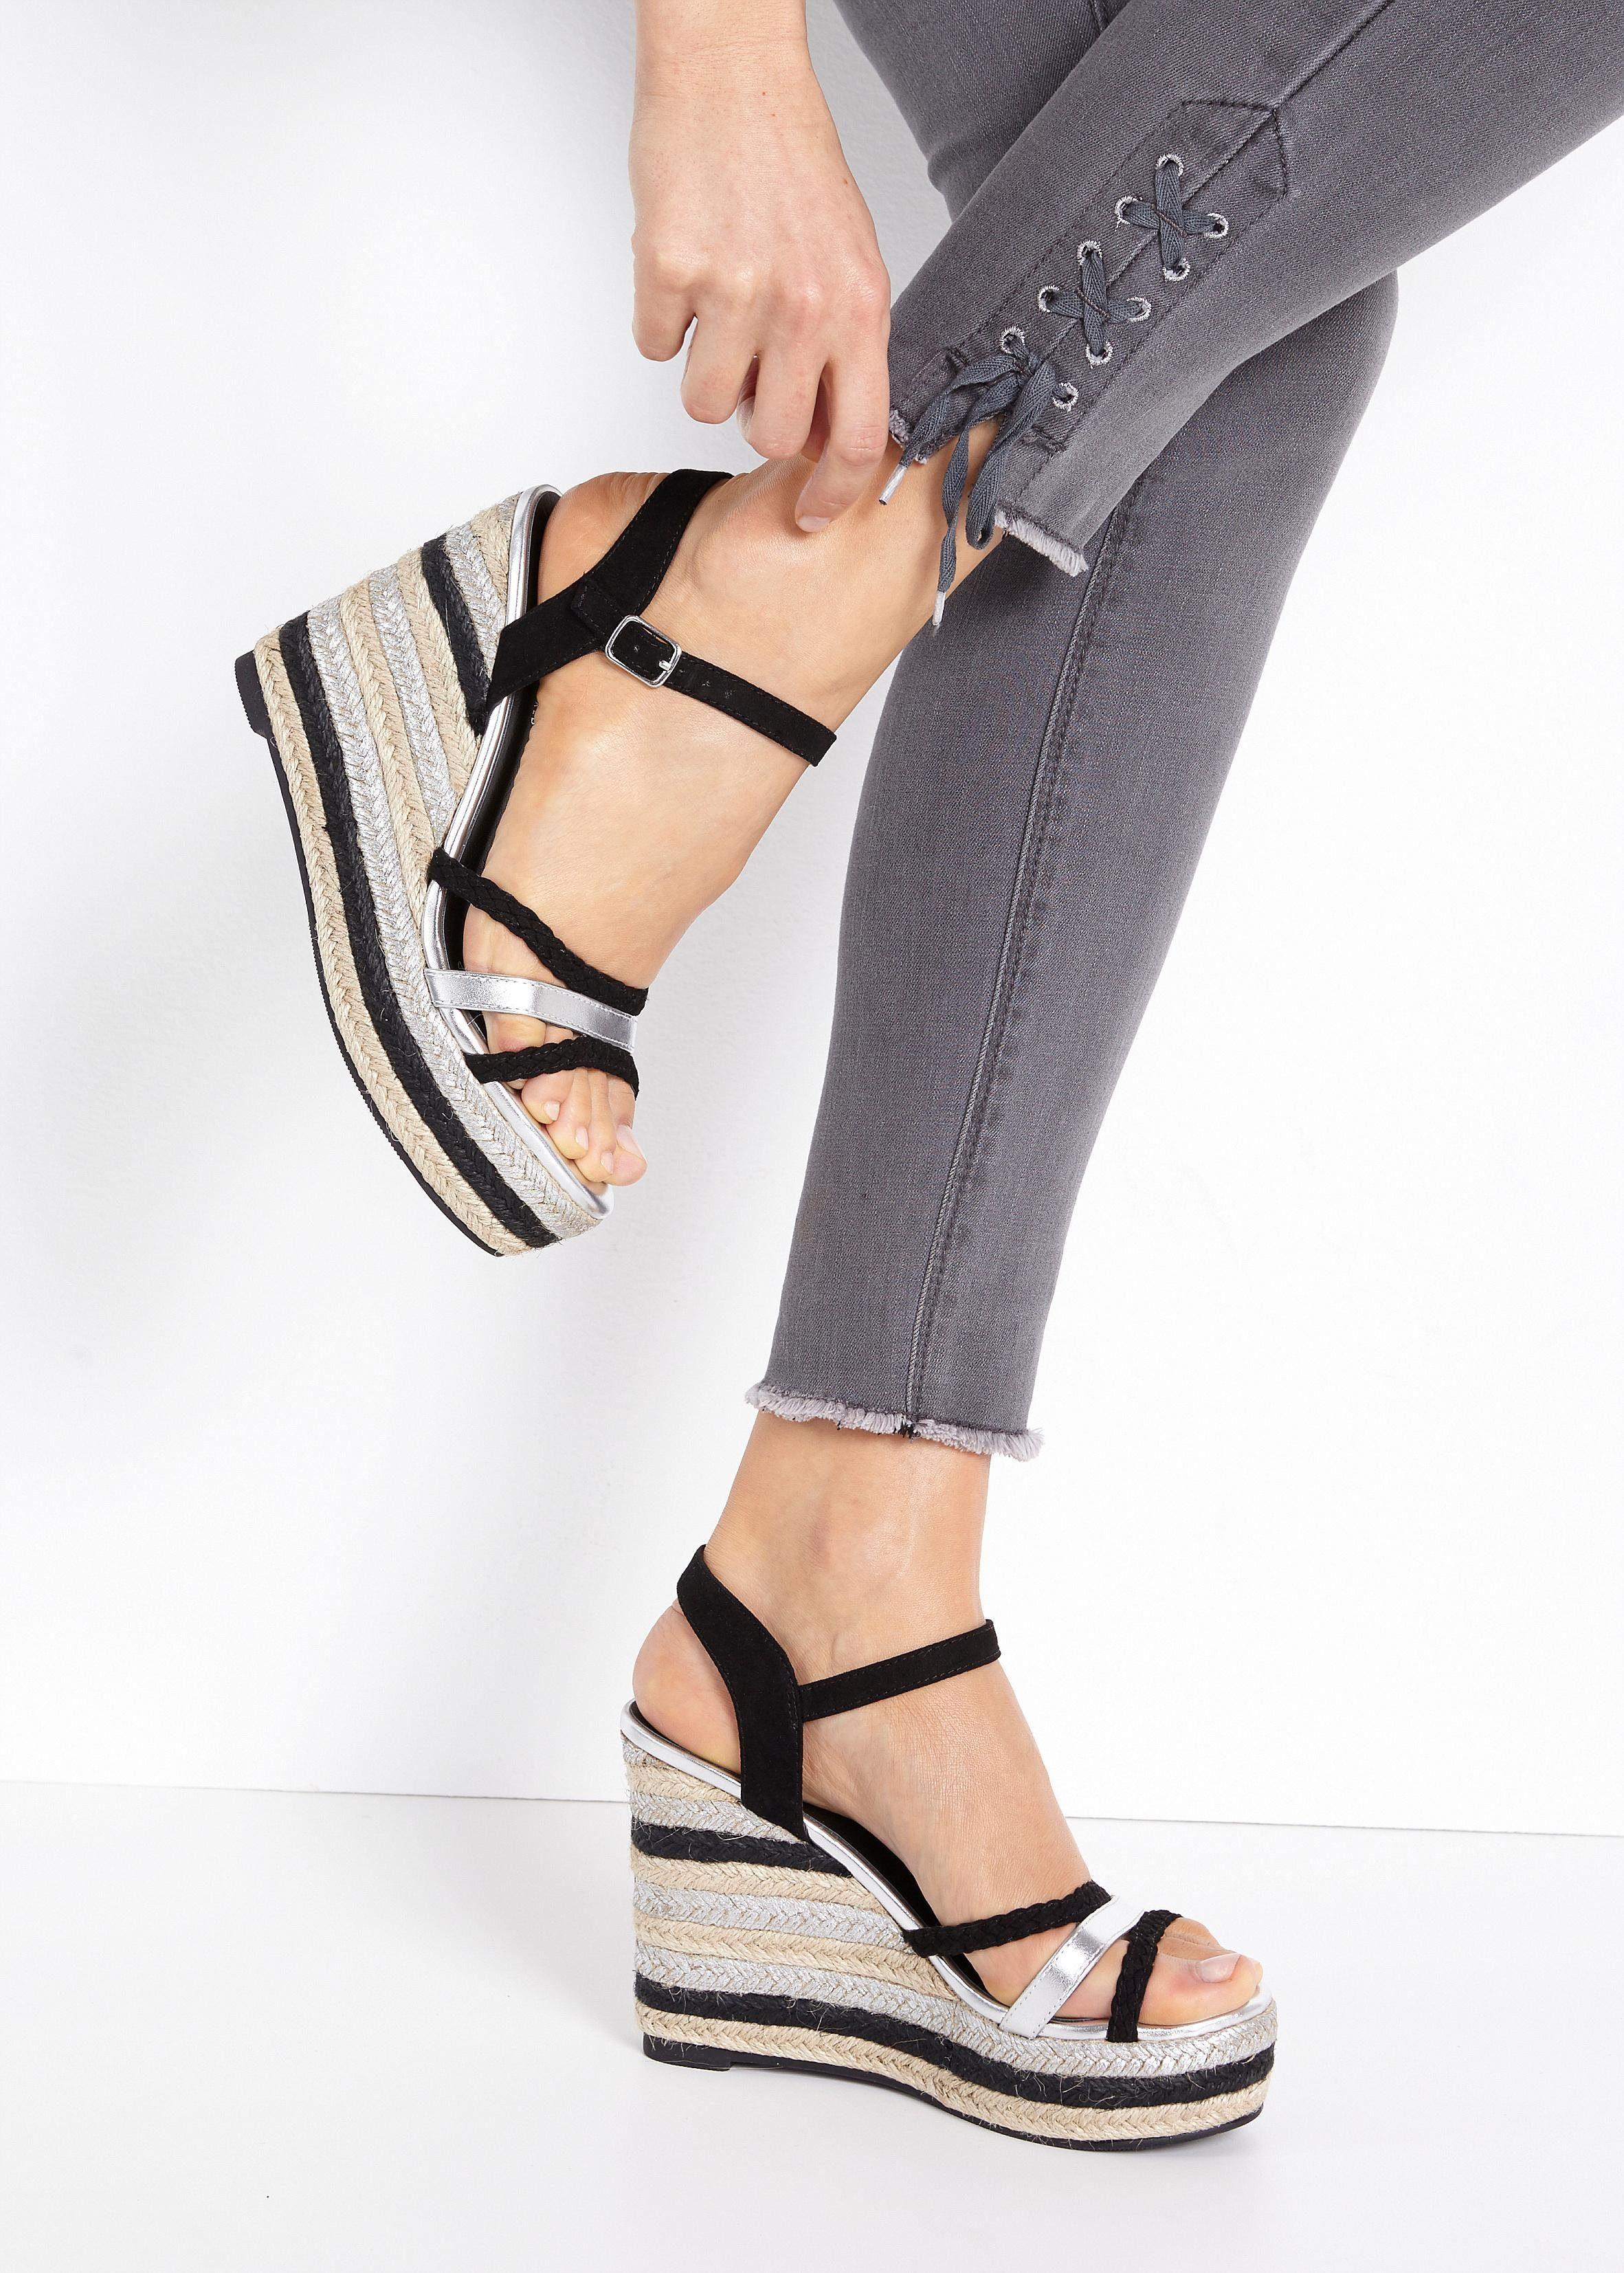 Lascana Sandaaltjes Met Sleehak In De Online Winkel - Geweldige Prijs